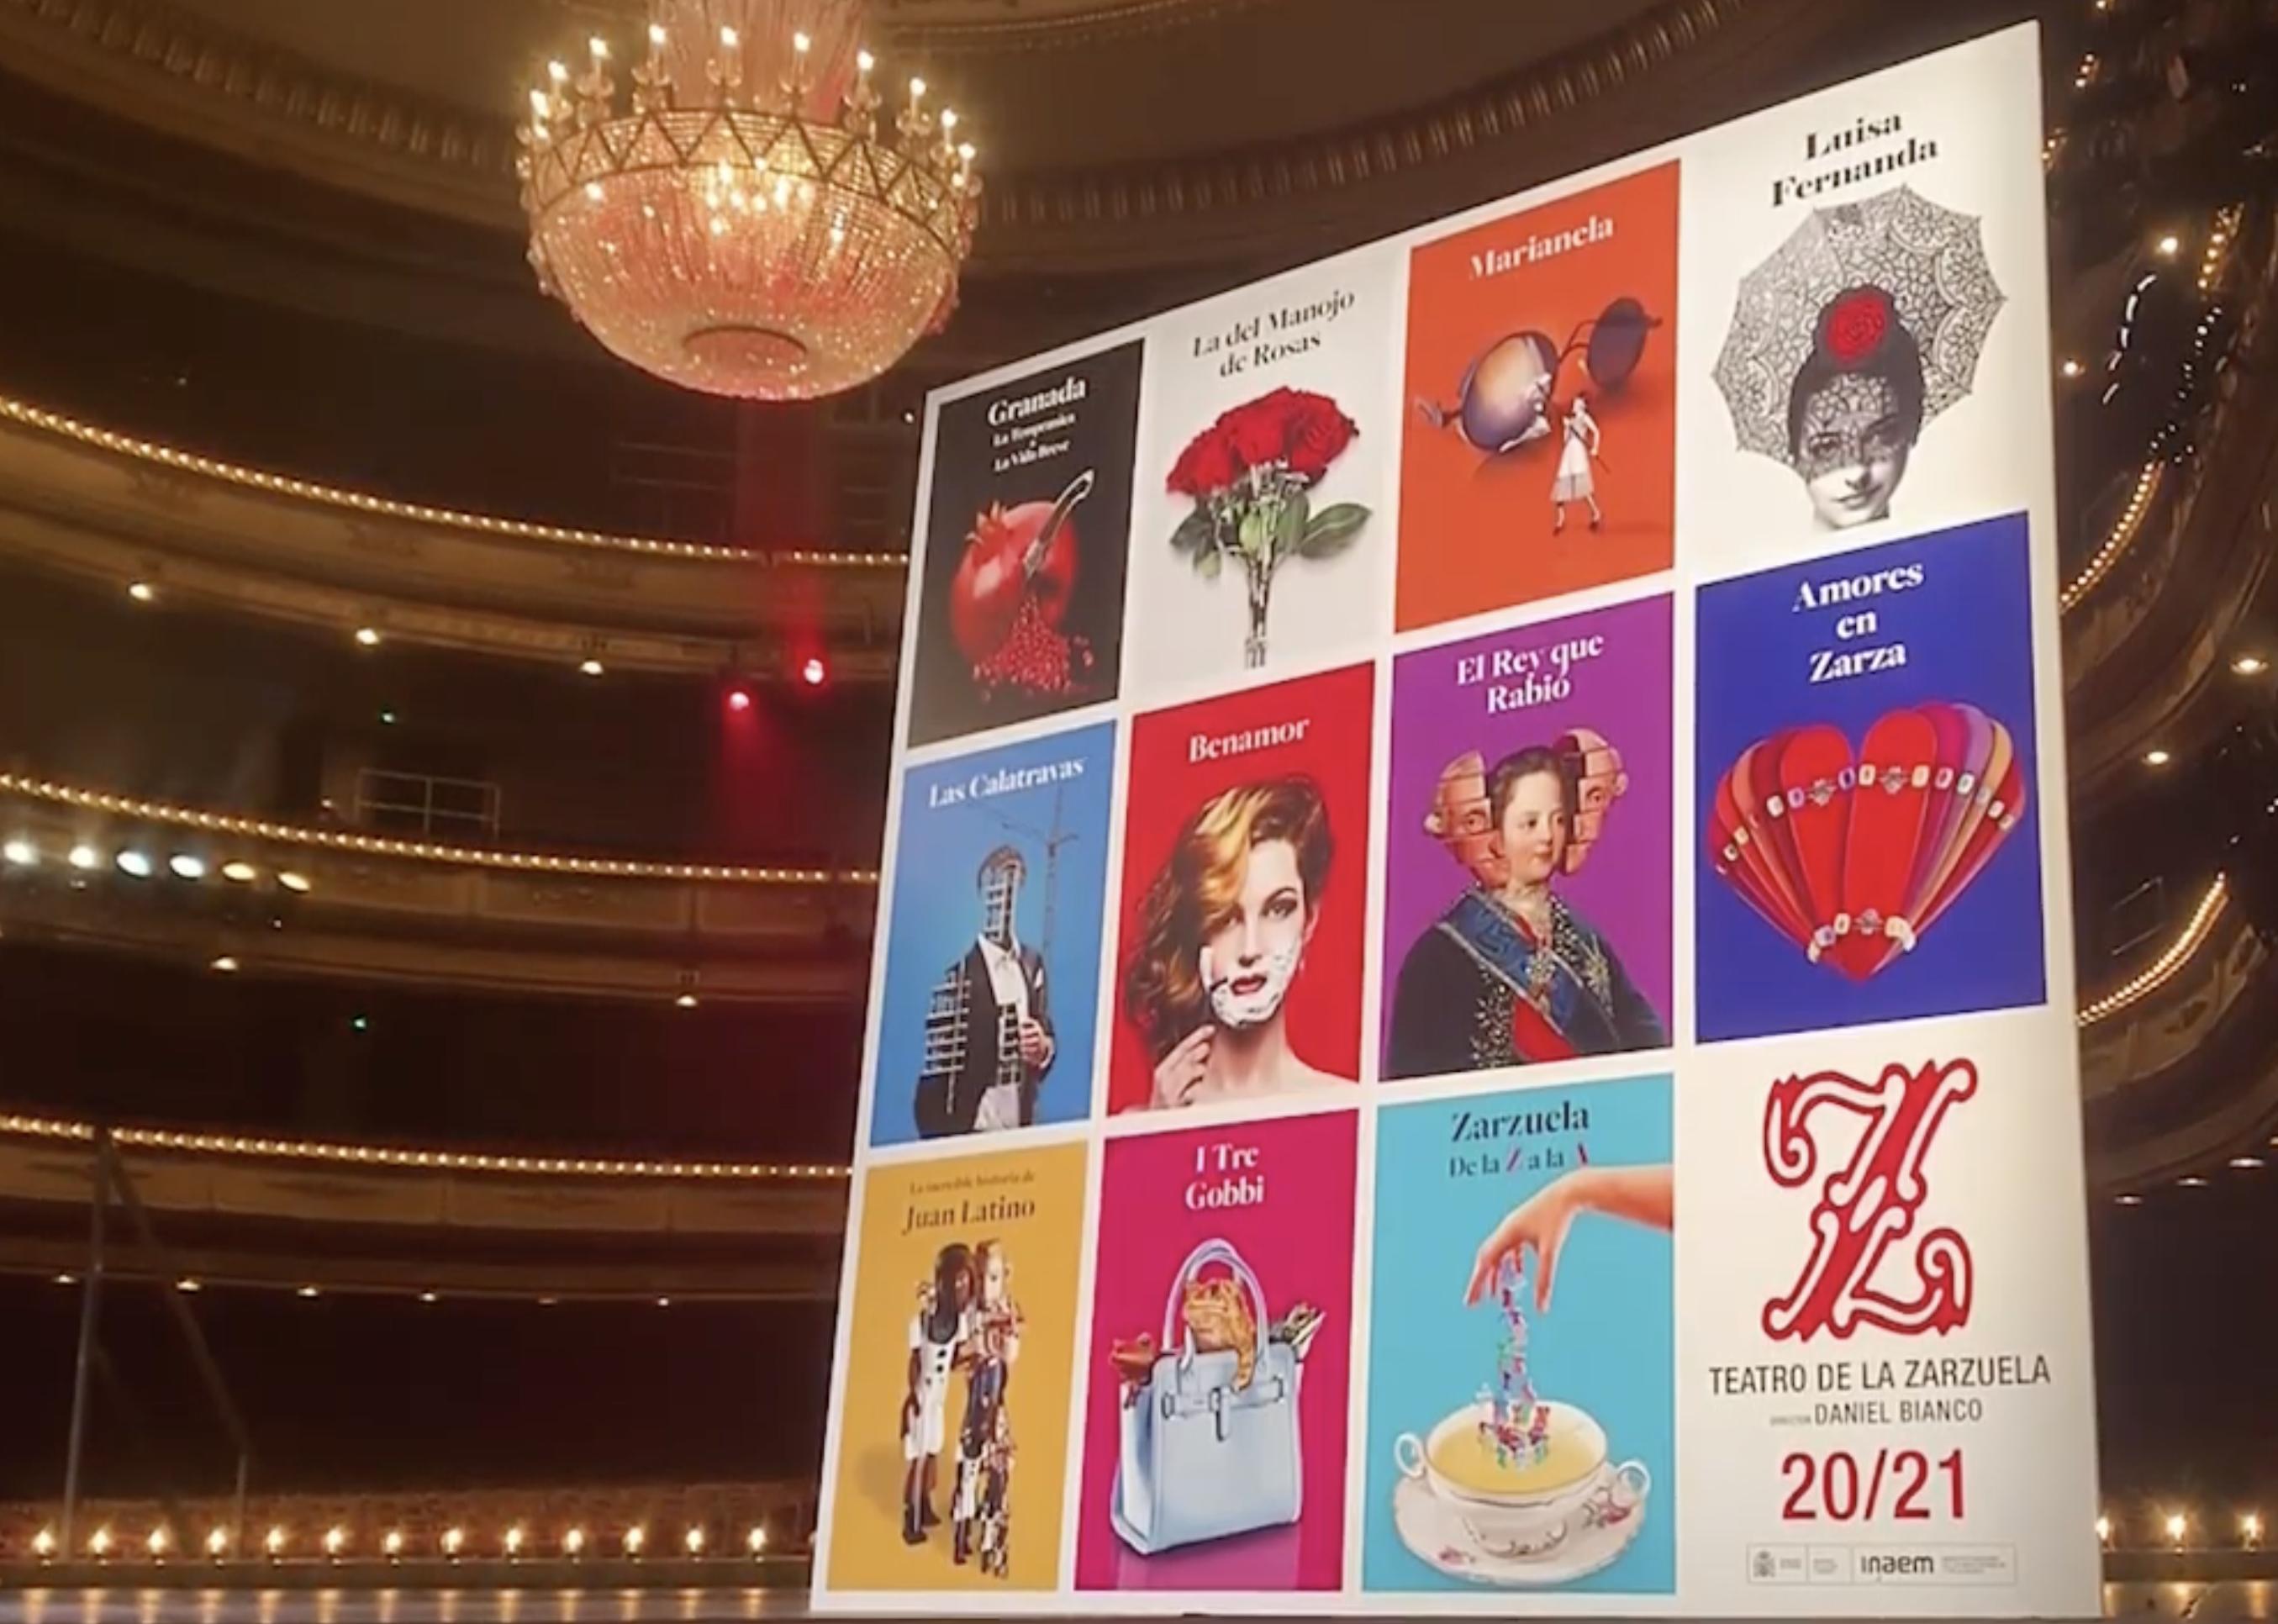 Teatro-Zarzuela-presentacion-2020-carteles